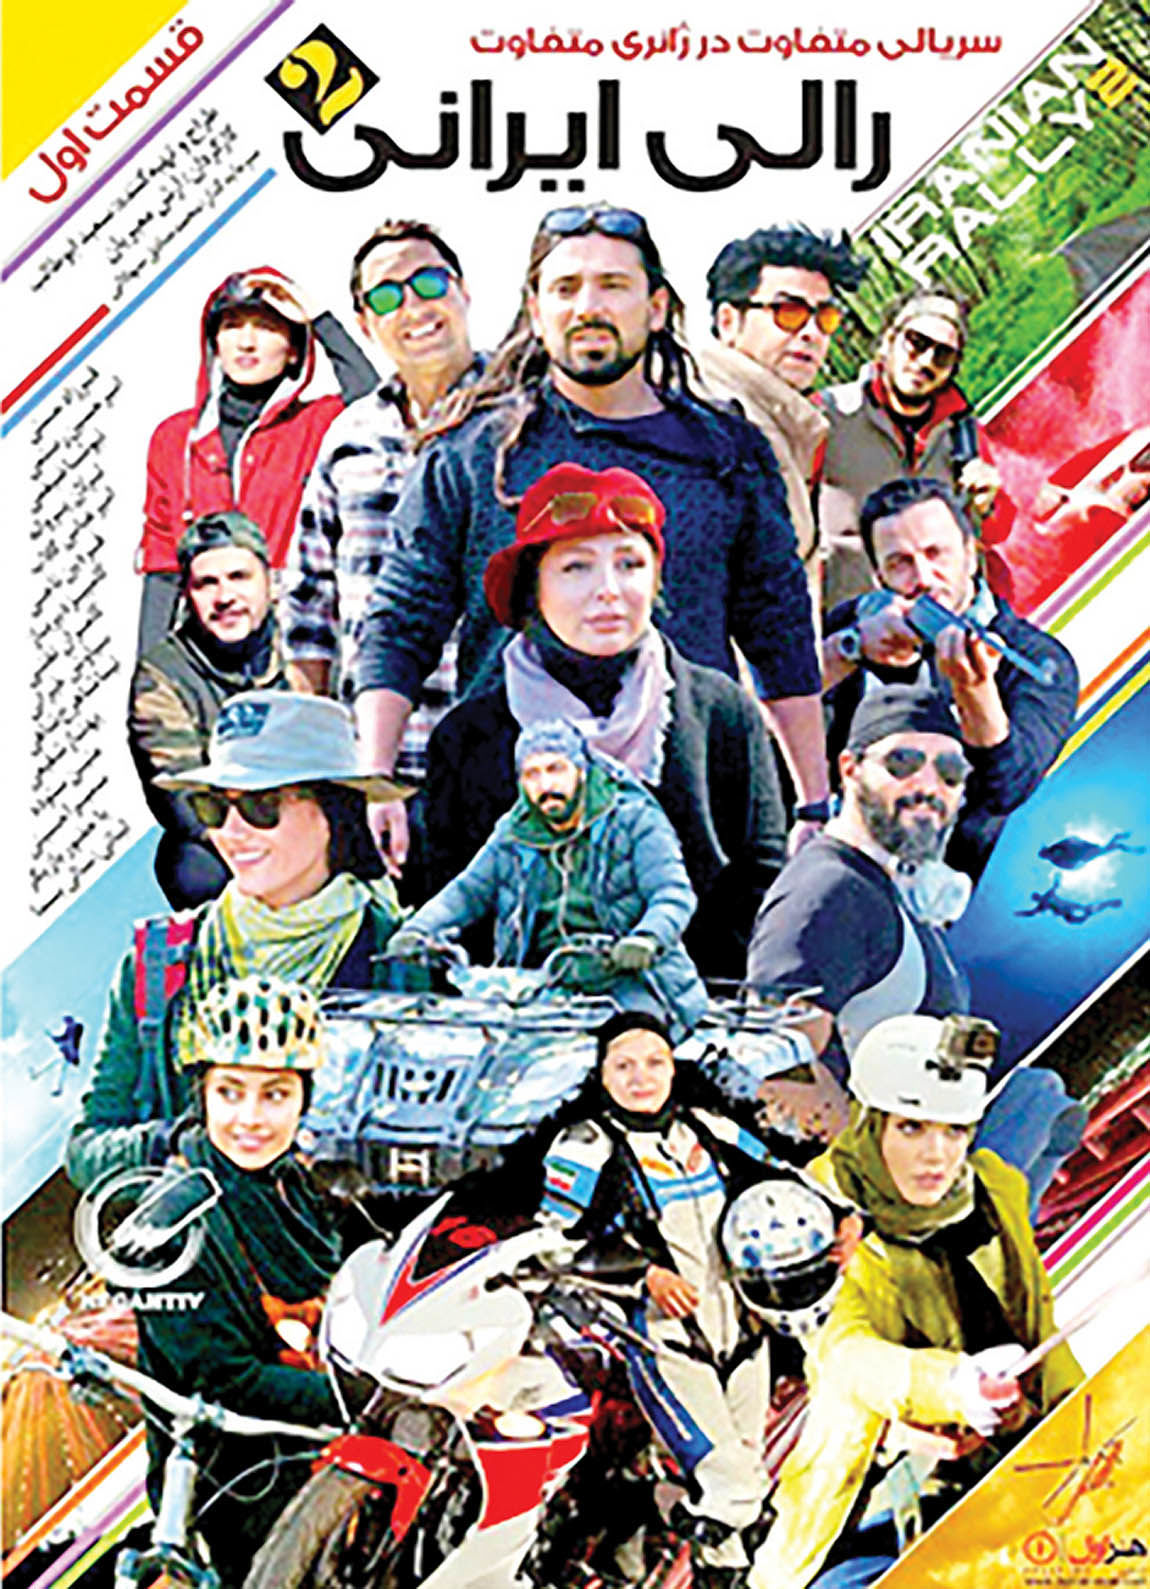 آغاز توزیع «رالی ایرانی۲» در شبکه نمایش خانگی